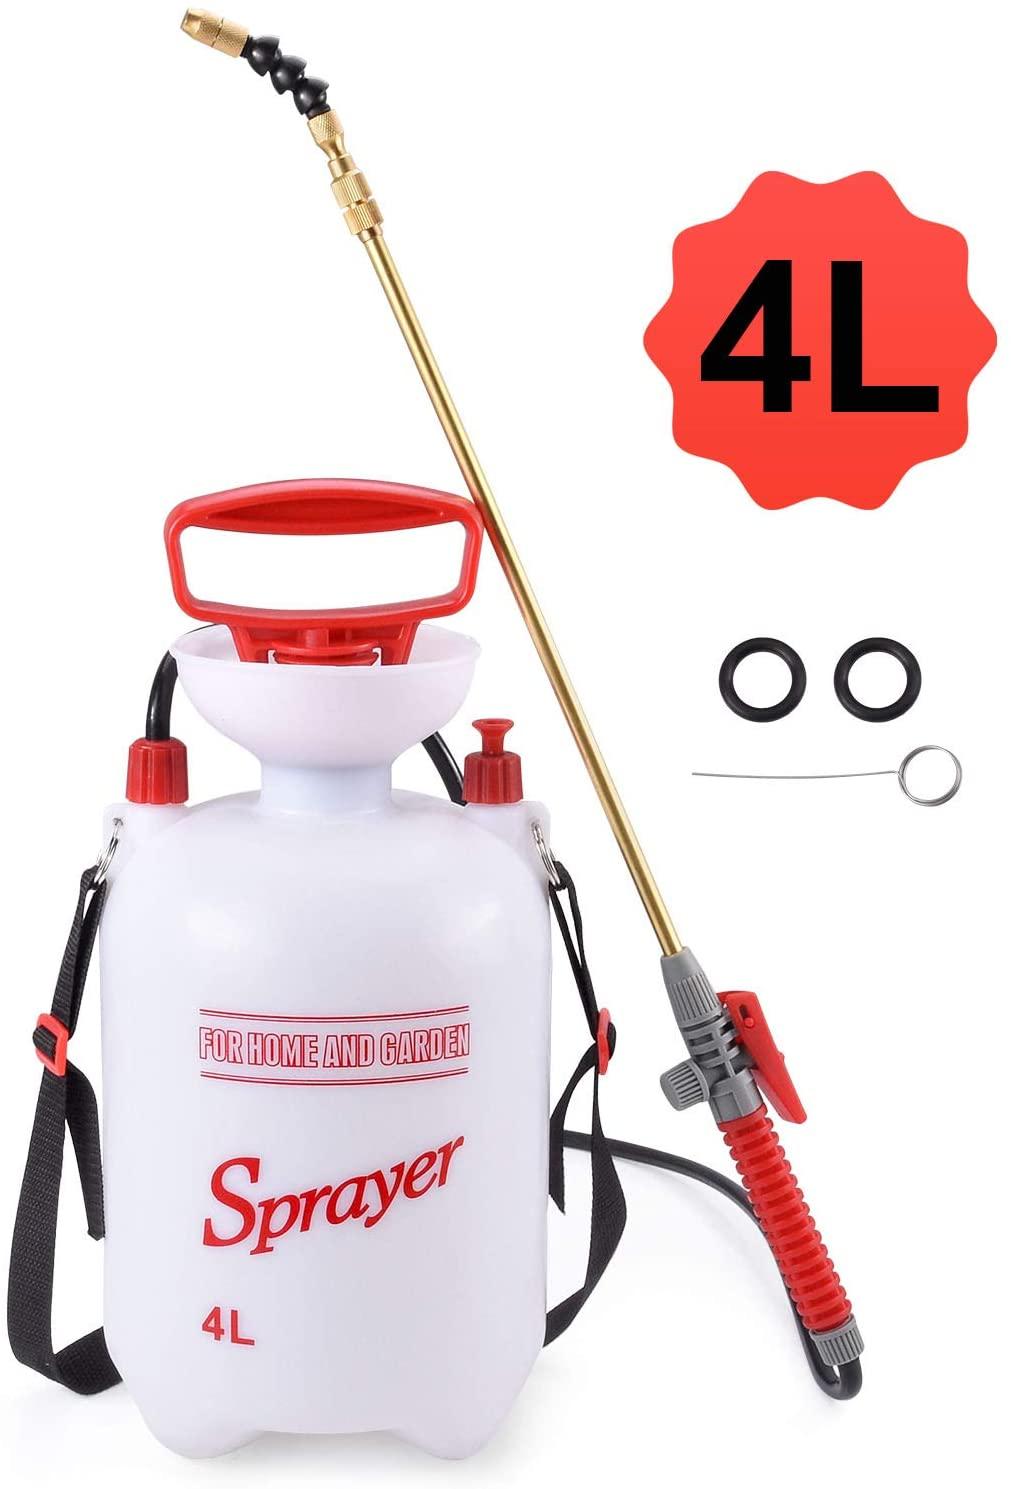 Seeutek 1.1Gal Garden Lawn Sprayer Pump Weed Sprayers Bottle Hand Pressure Spray for Yard with Pressure Relief Valve, Adjustable Shoulder Strap,4L